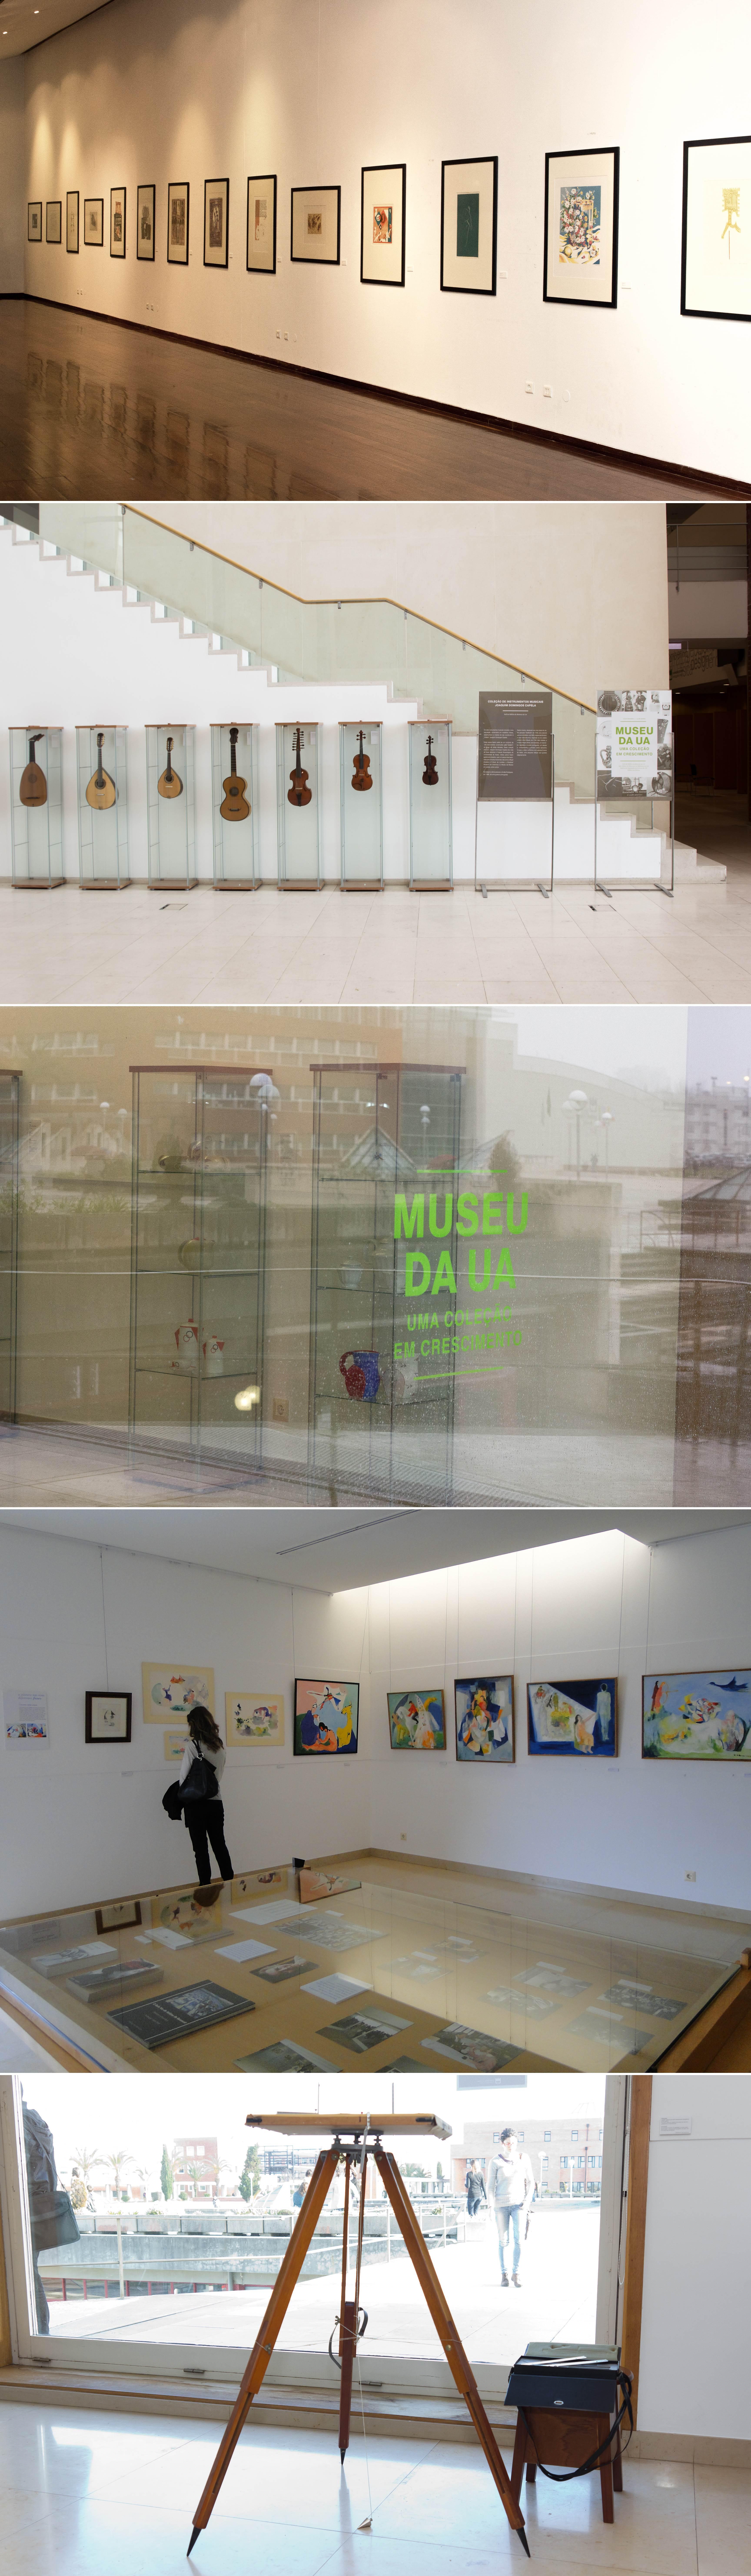 sobre_museu